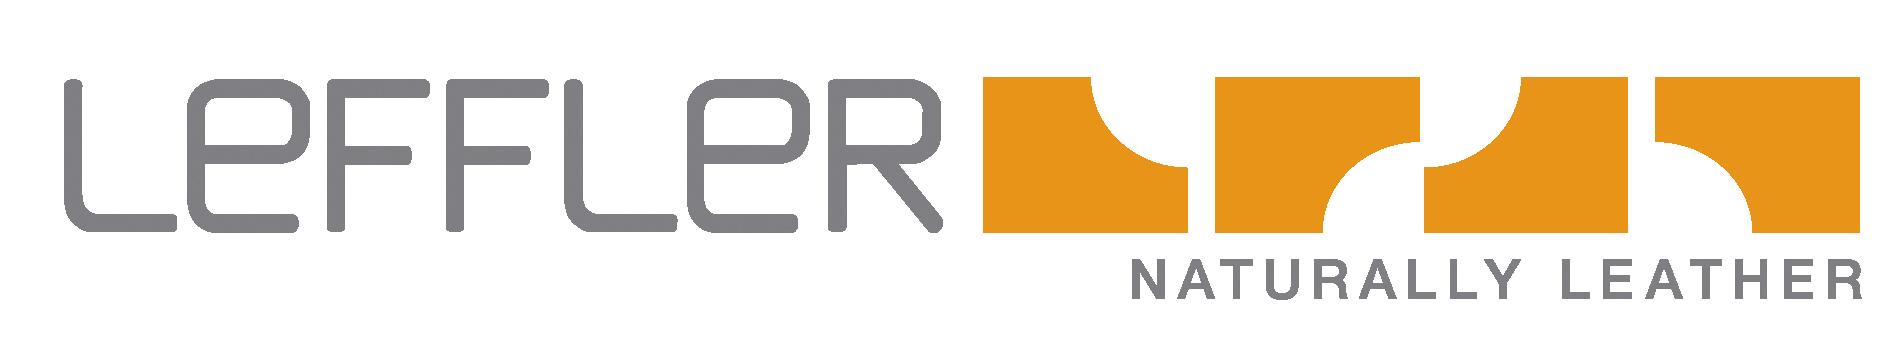 BRU_Leffler_Logo